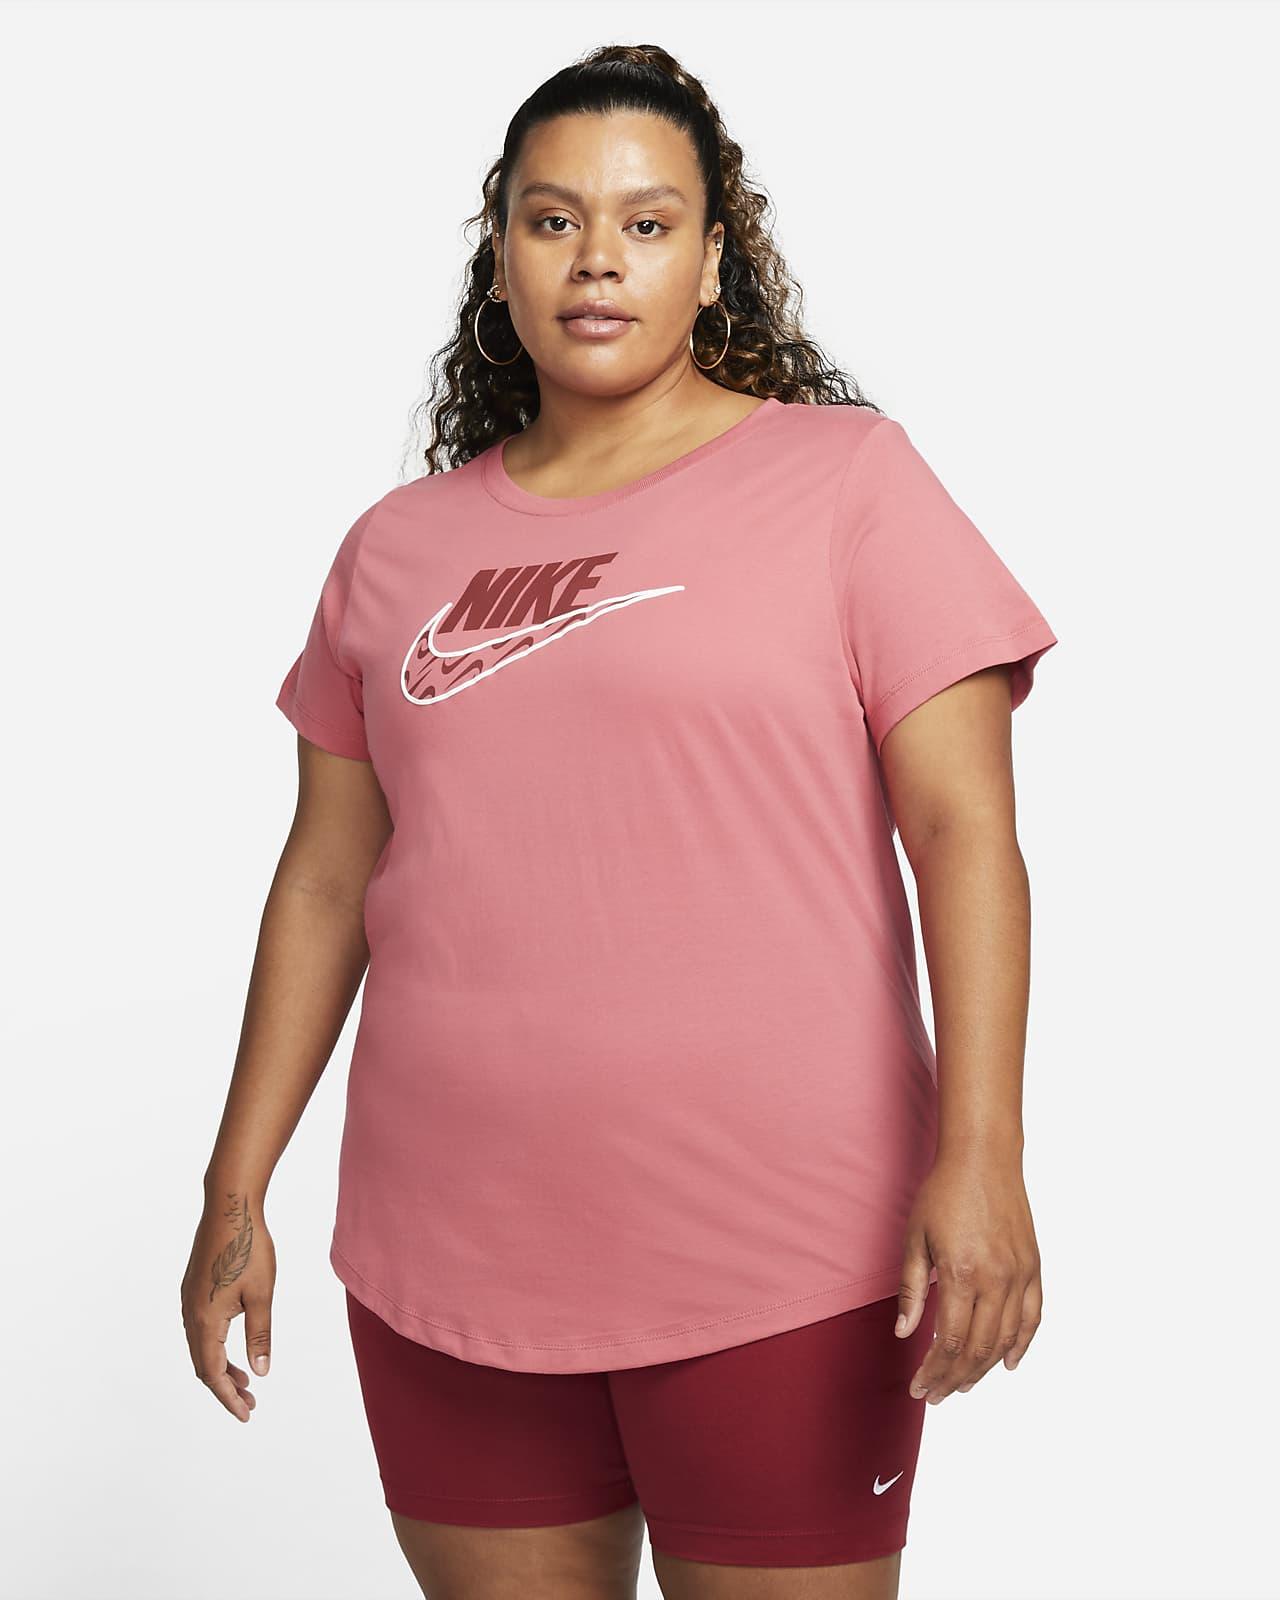 ナイキ スポーツウェア アイコン クラッシュ ウィメンズ Tシャツ (プラスサイズ)